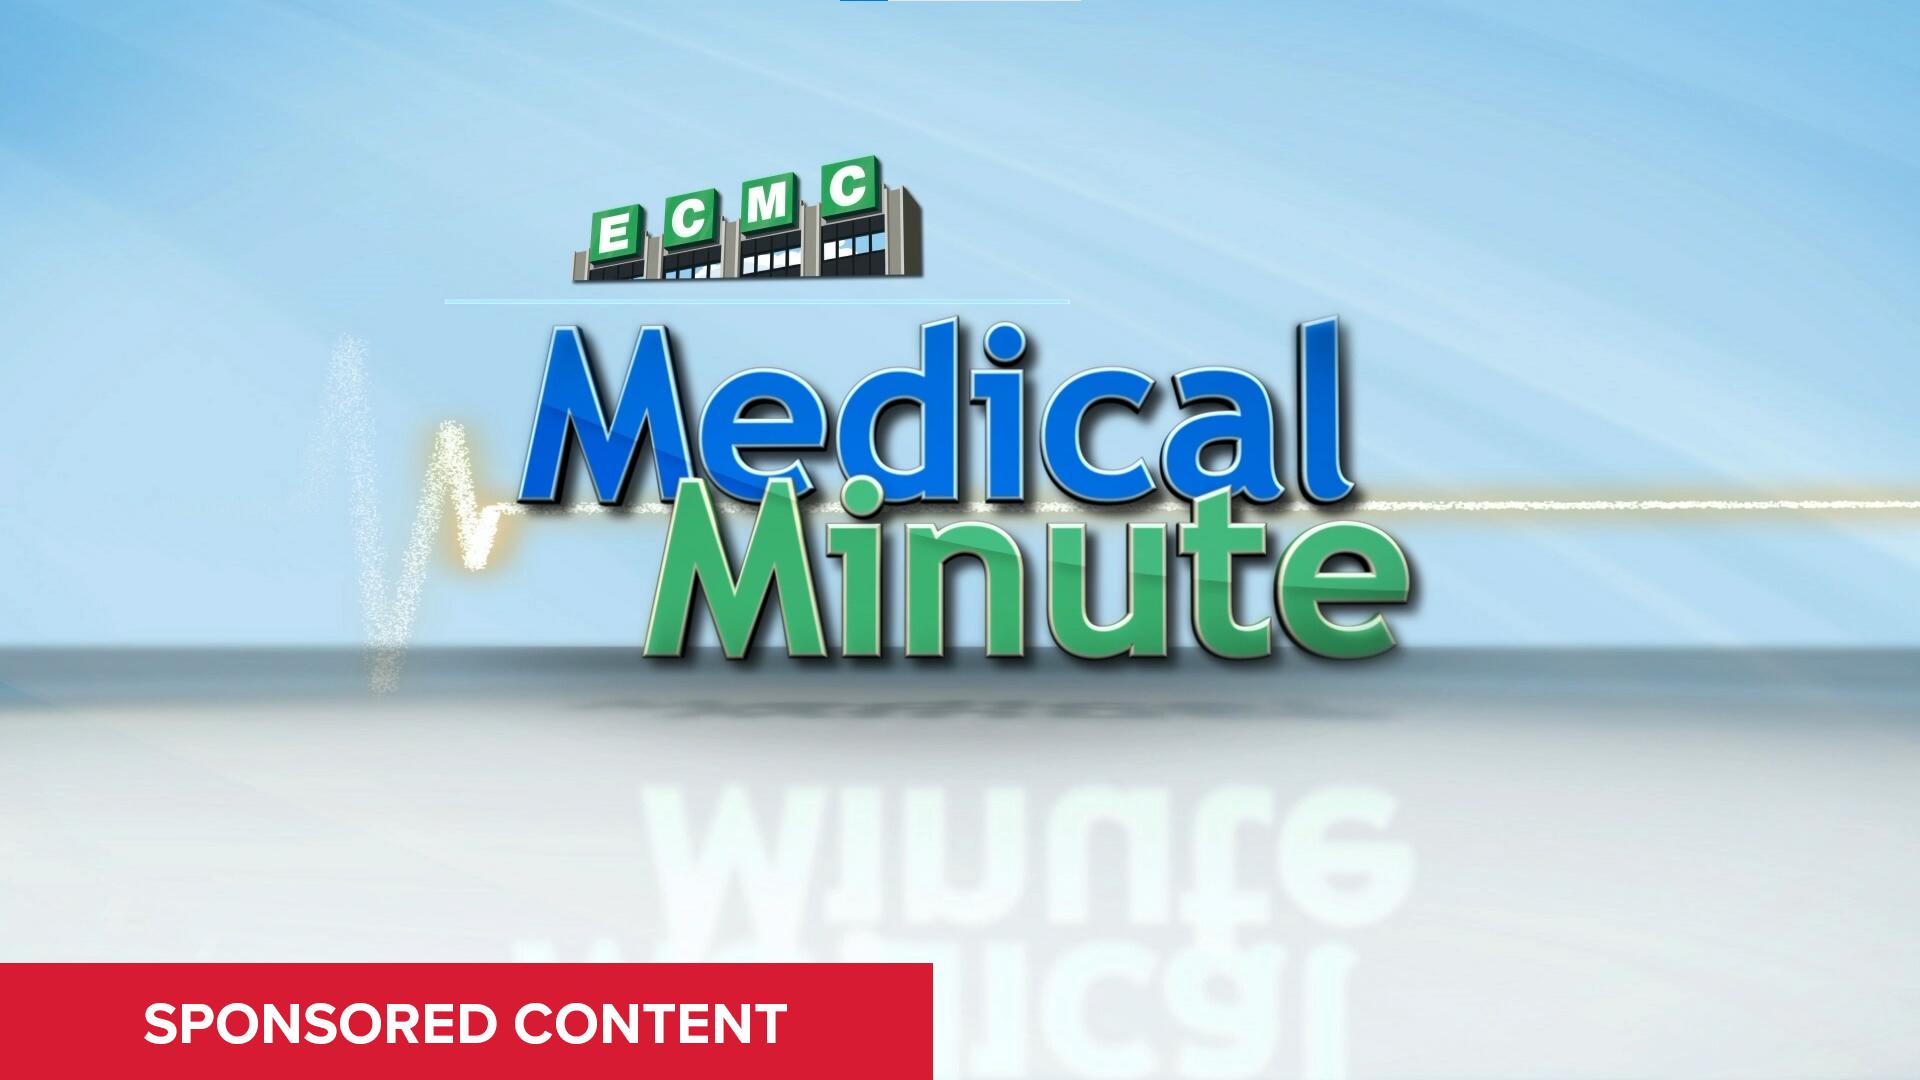 ECMC Medical Minute